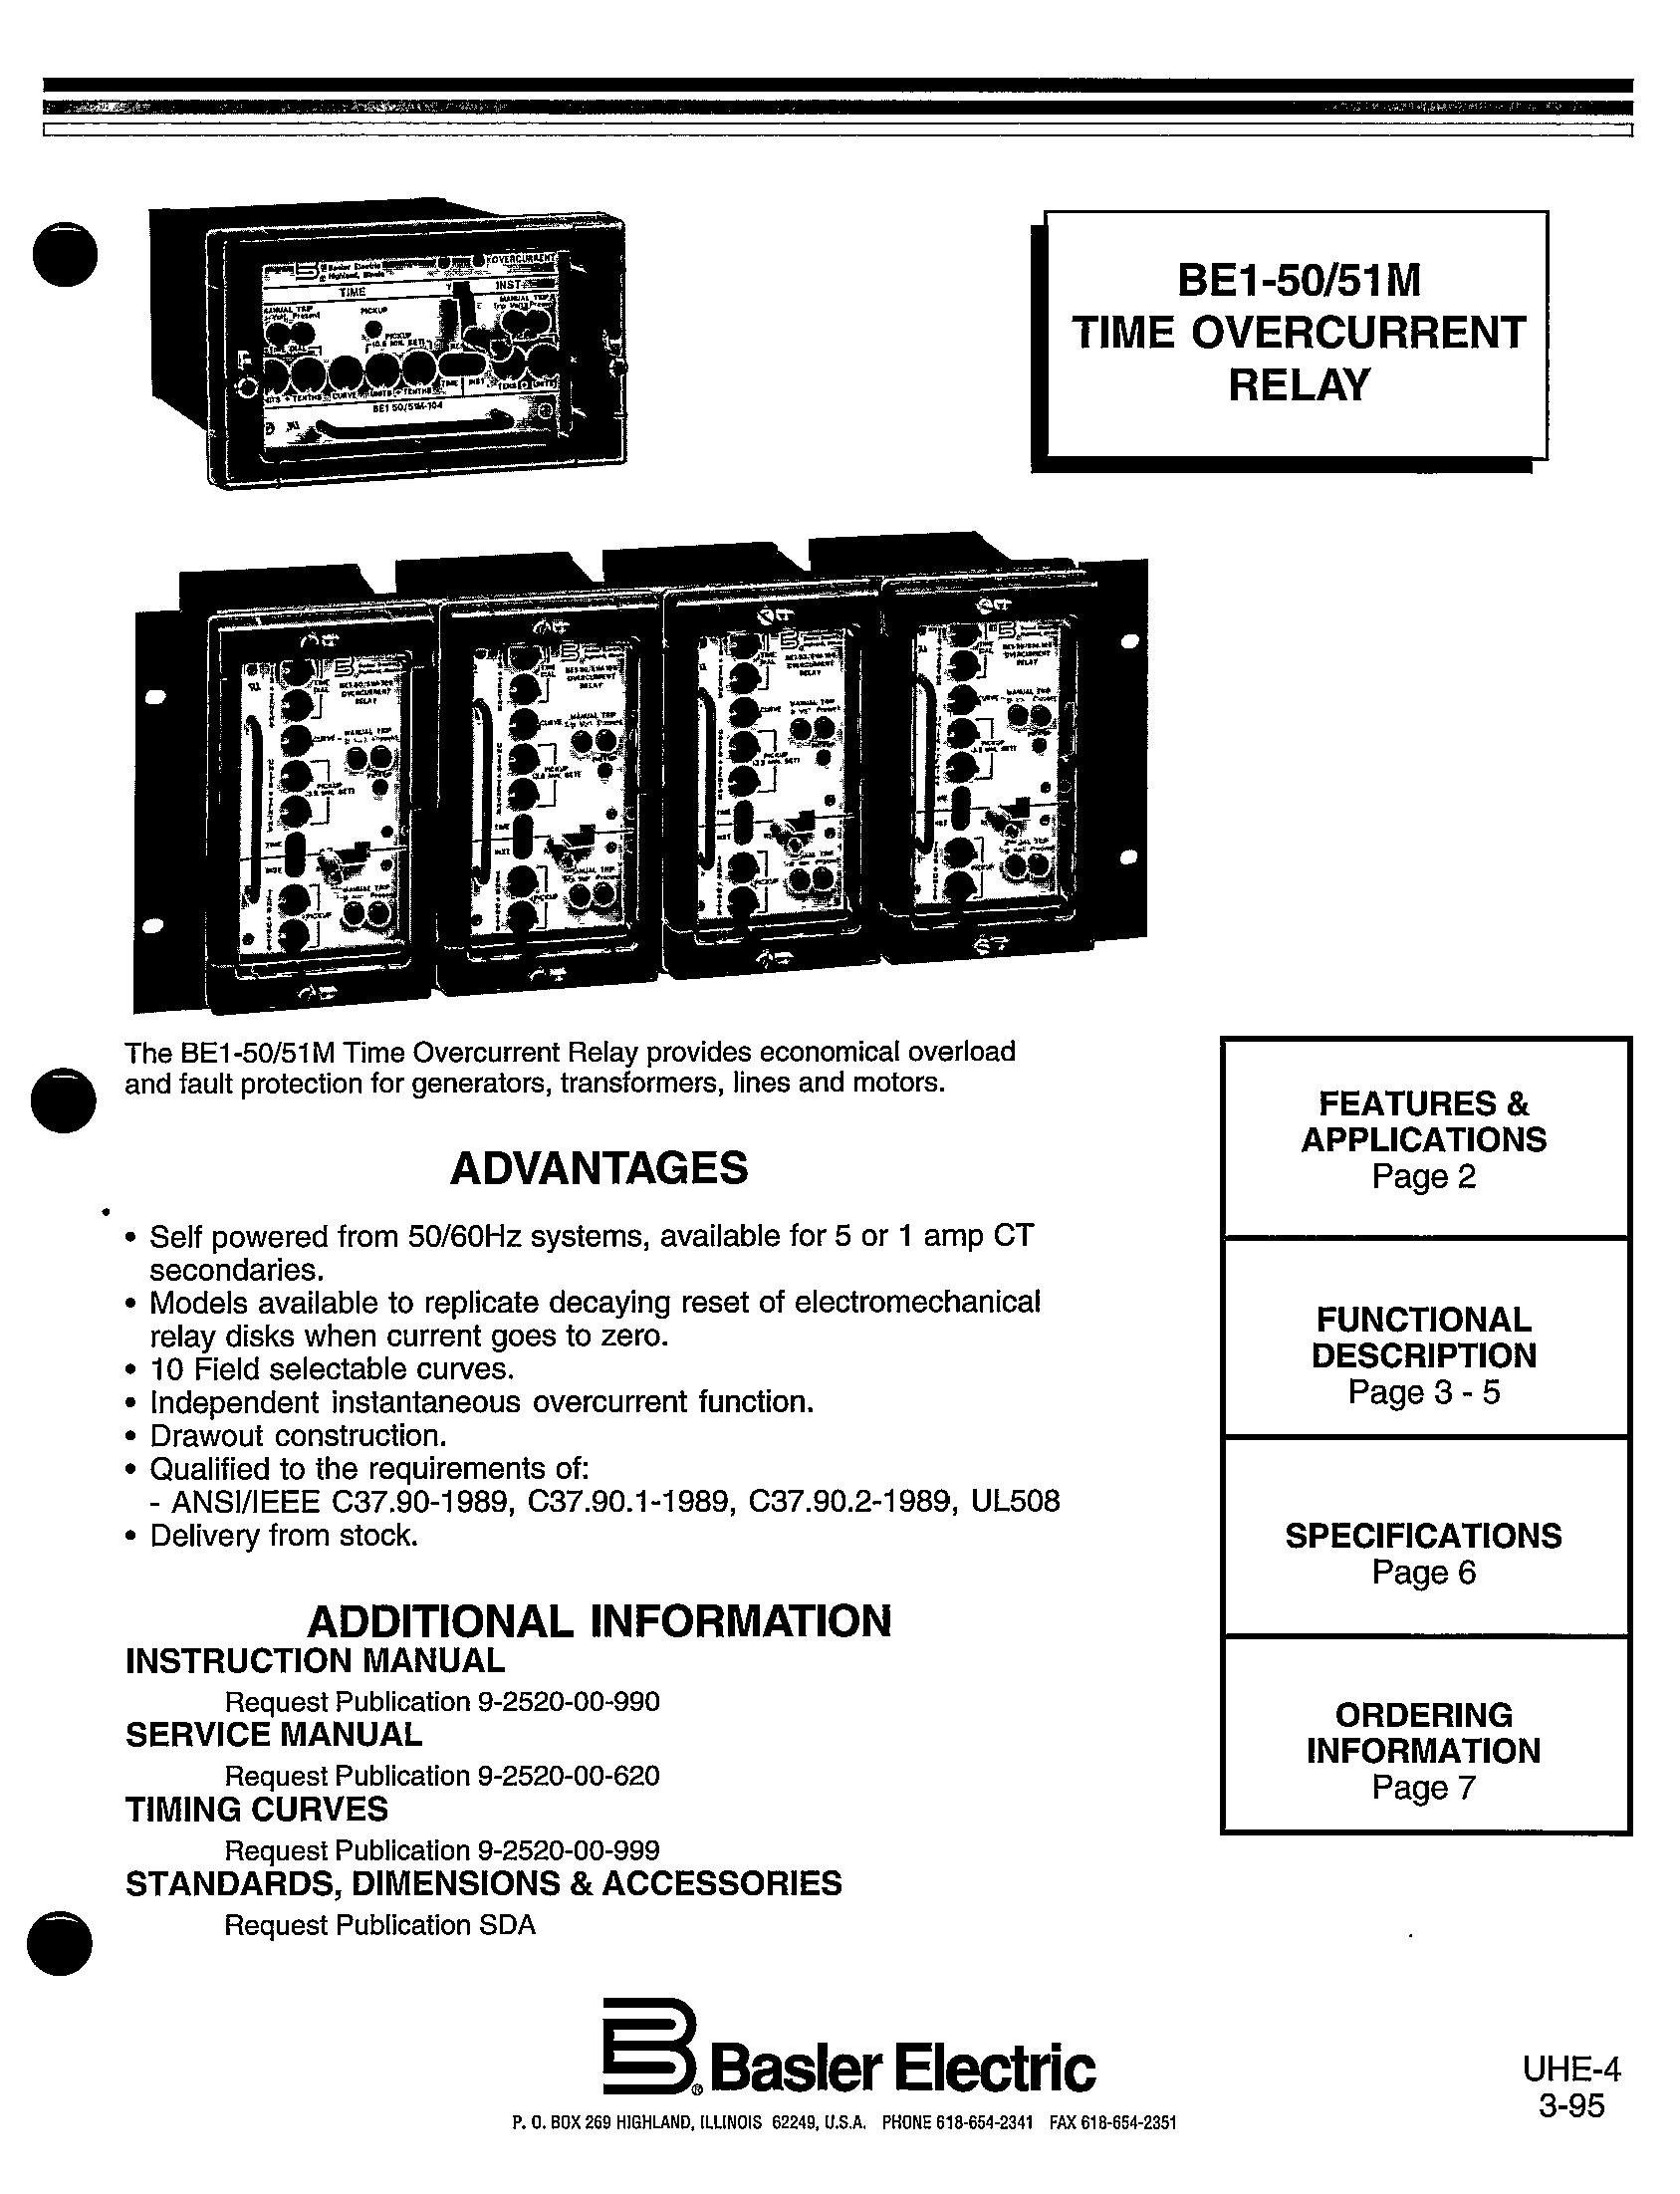 overcurrent relay price